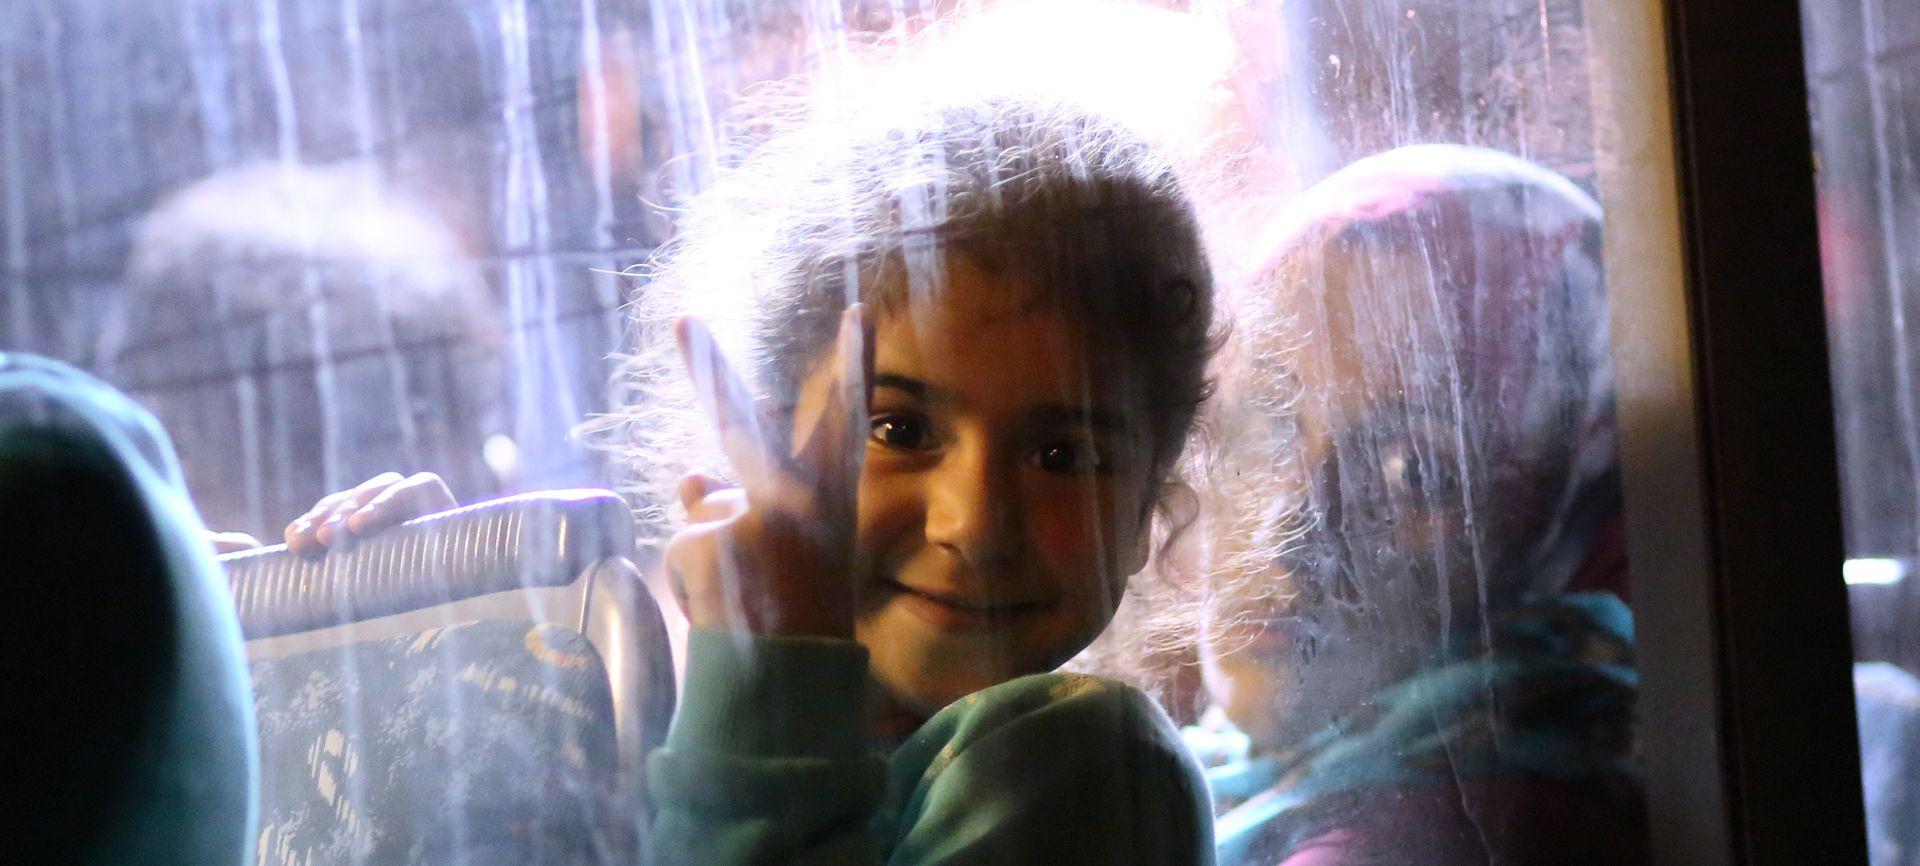 BUDIMO SOLIDARNI Izbjeglicama potrebna zimska odjeća i obuća